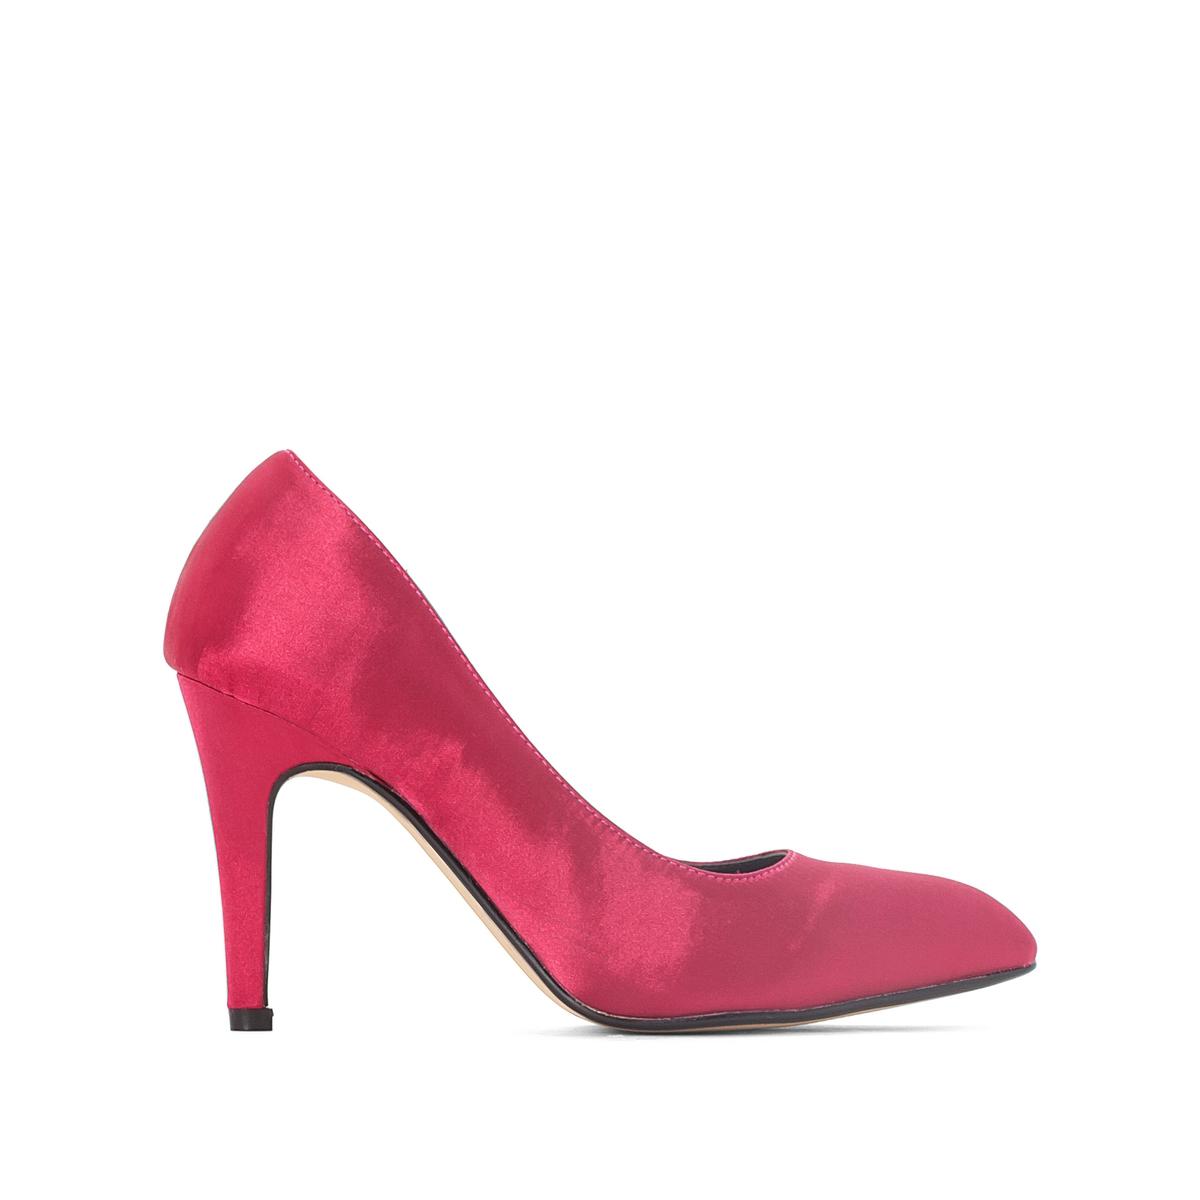 Туфли сатиновыеДетали •  Каблук-шпилька •  Высота каблука : 7 см •  Застежка : без застежки •  Круглый мысок •  Гладкая отделкаСостав и уход • Верх 100% хлопок •  Подкладка 100% синтетический материал<br><br>Цвет: синий,фуксия